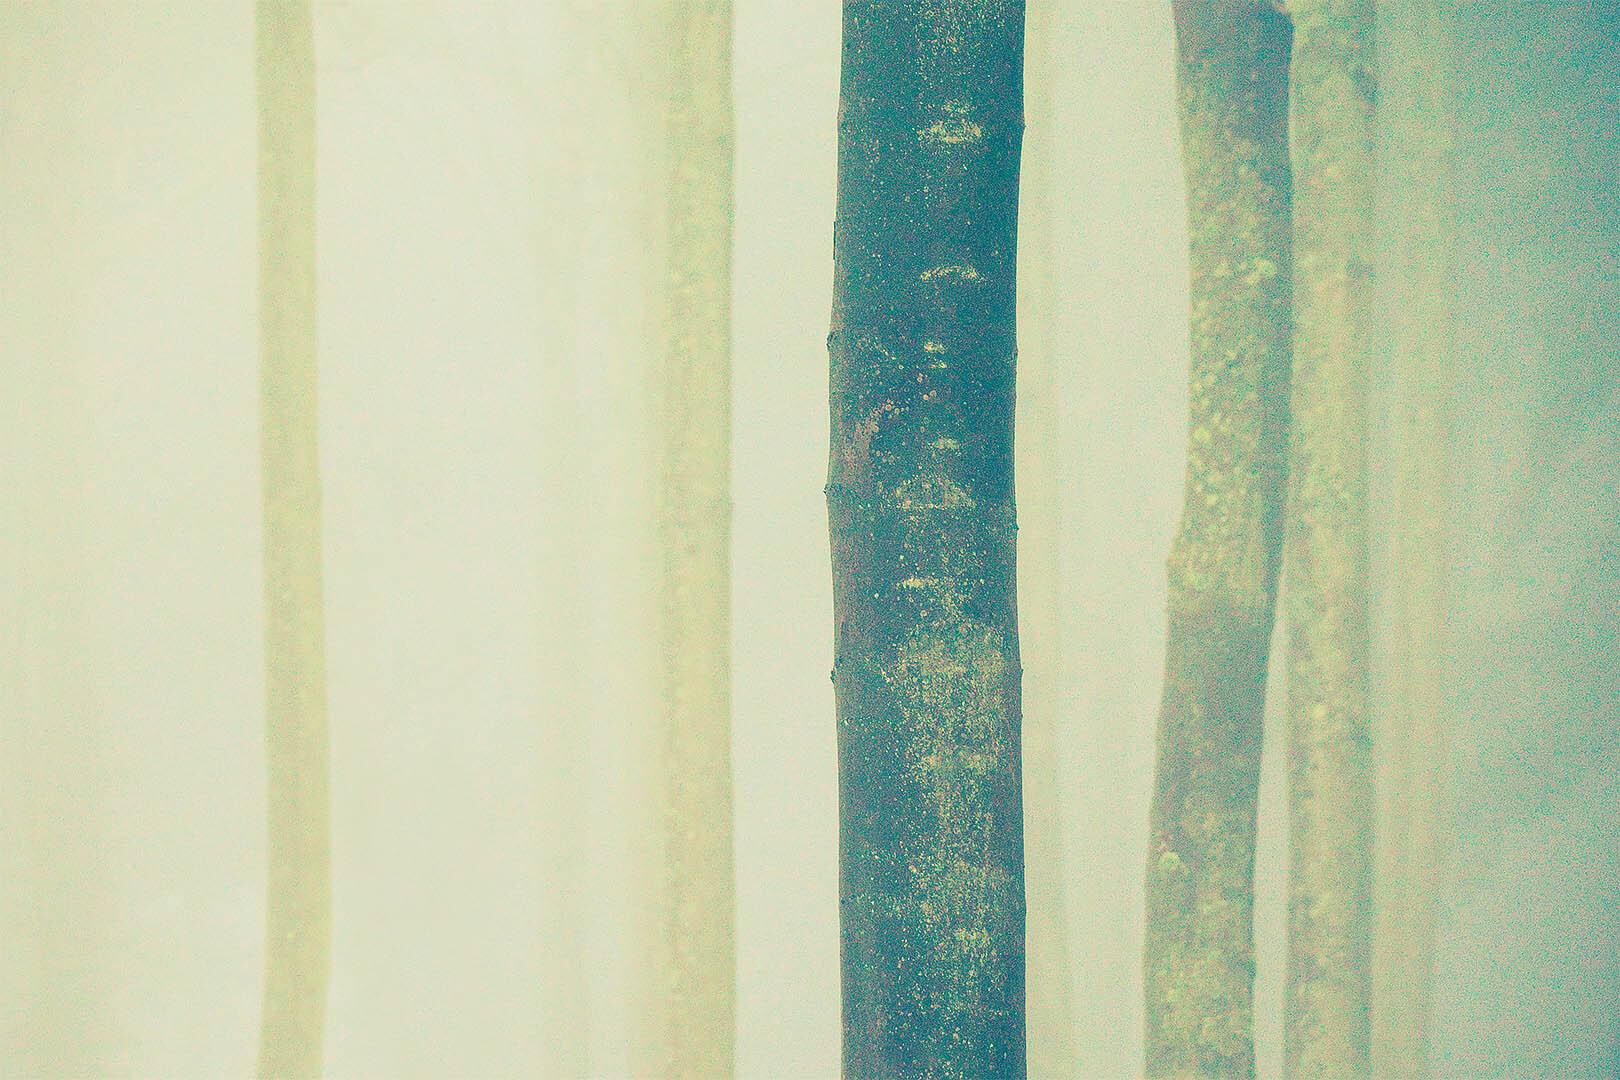 Trees In Fog #3